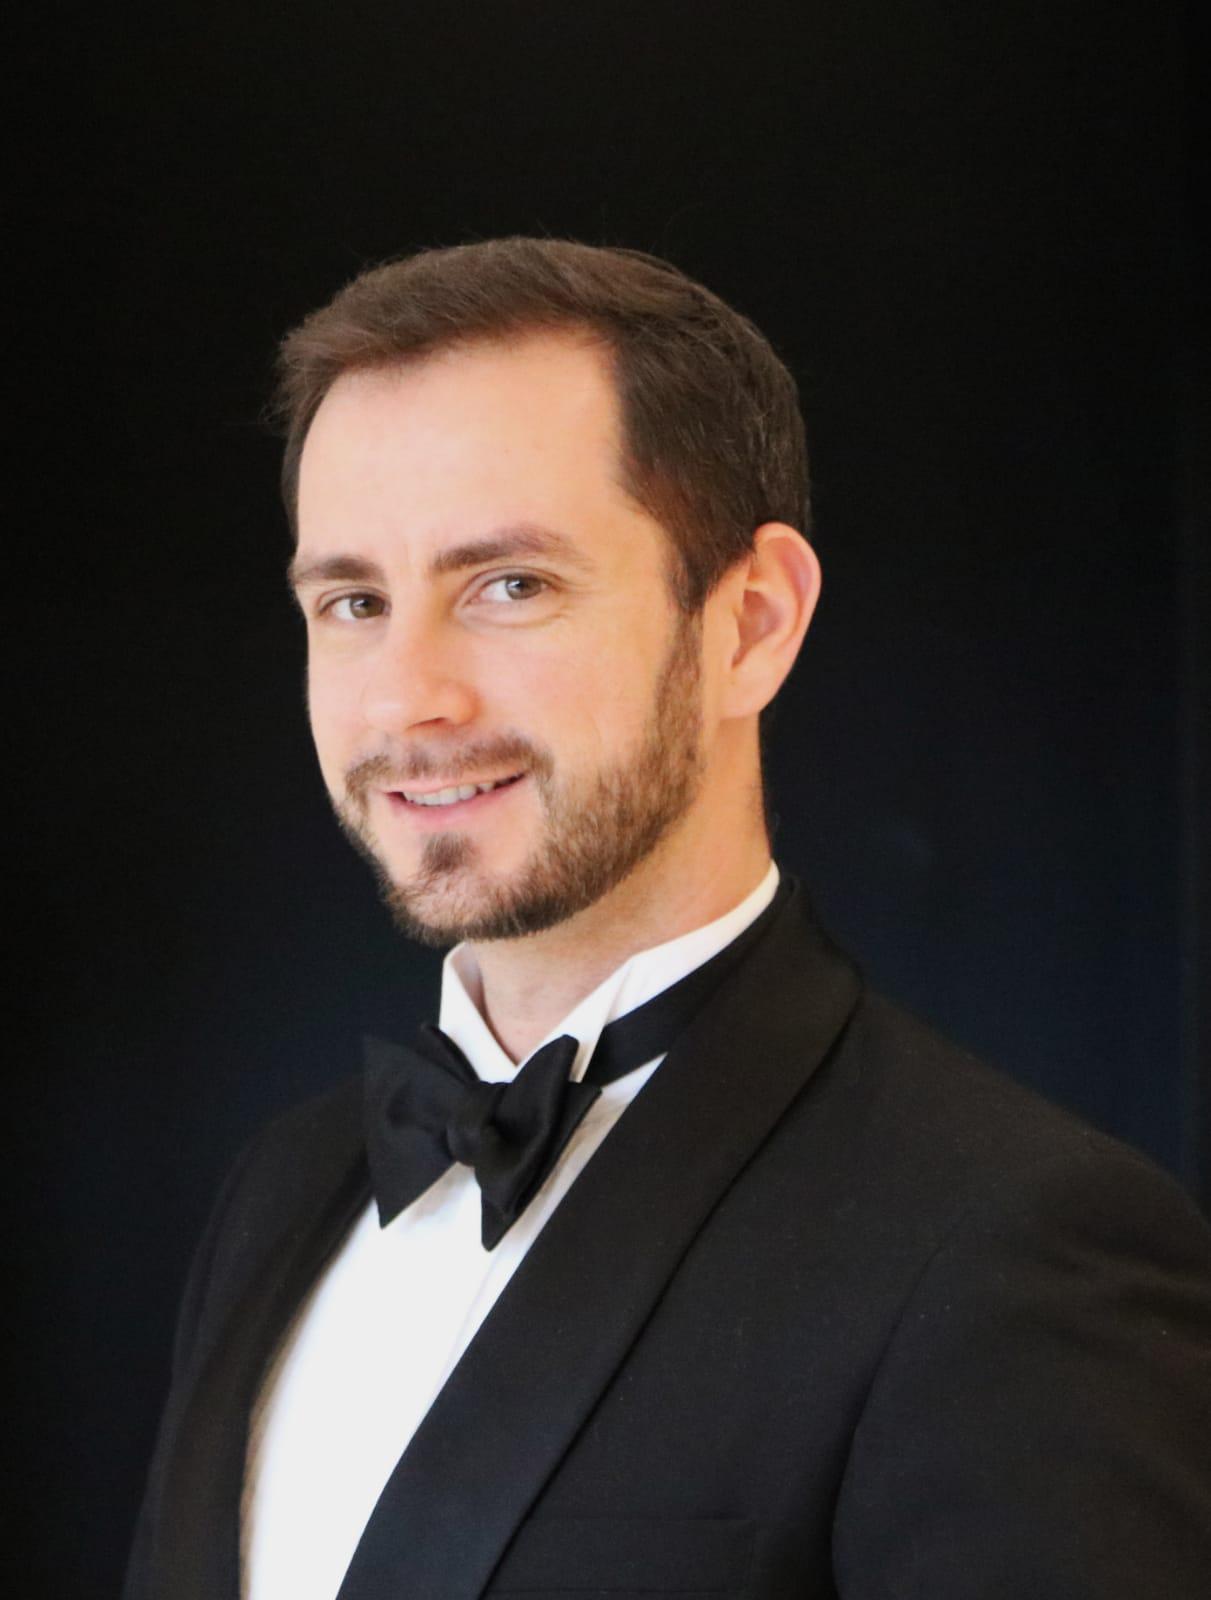 Florian Podgoreanu